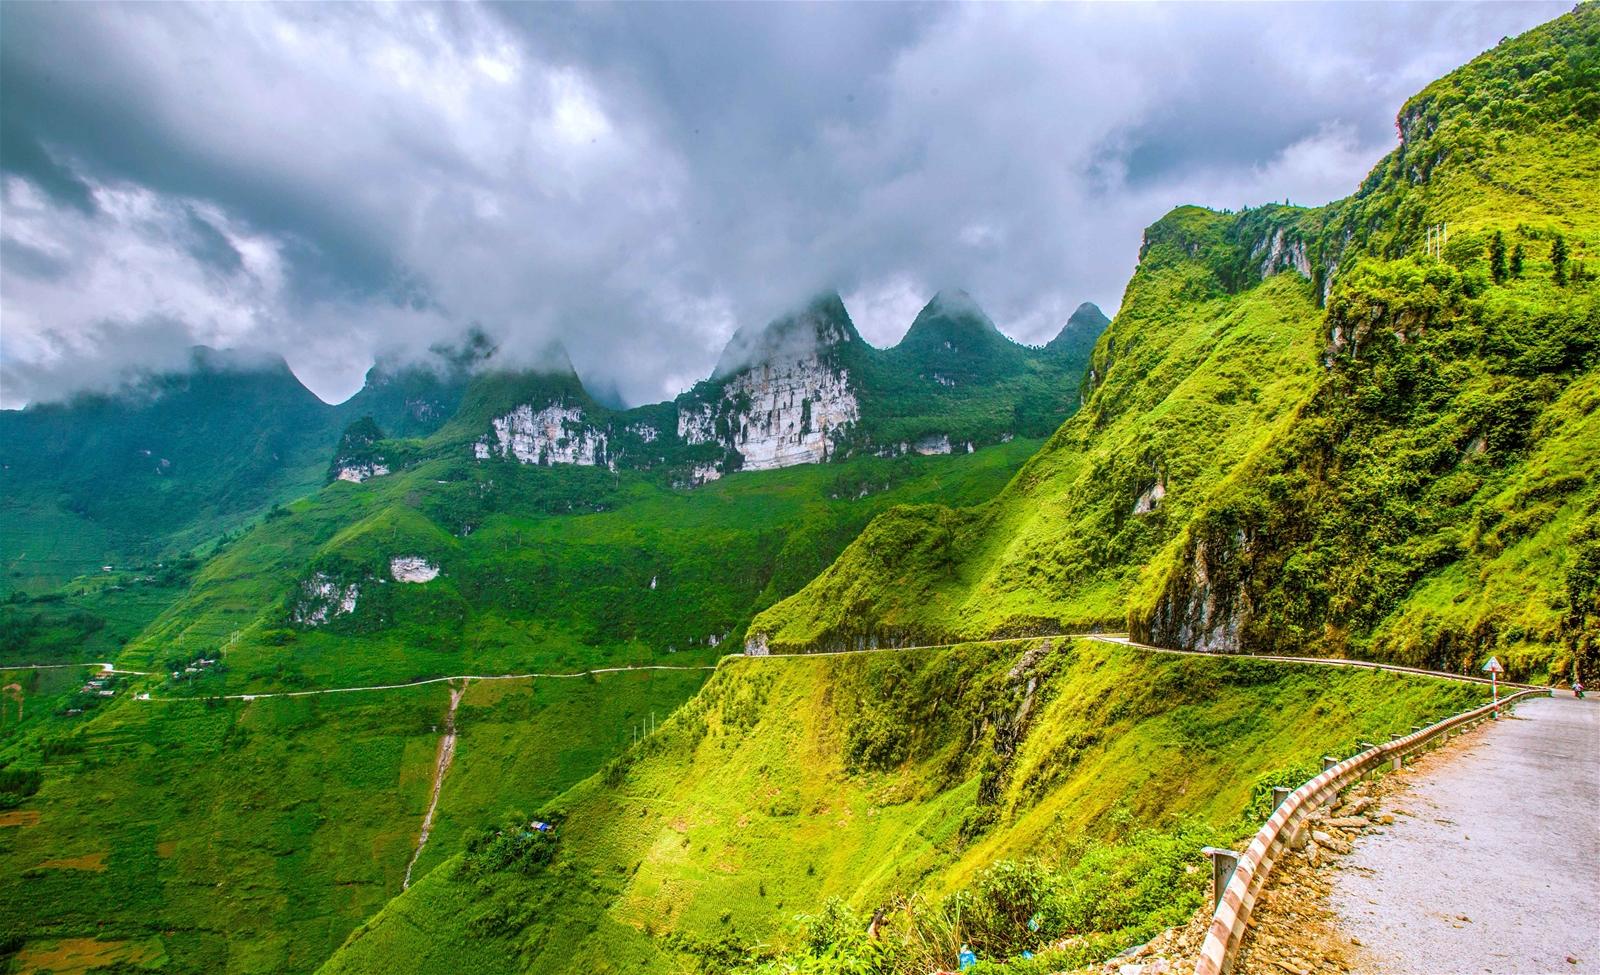 Kỳ 1: Mã Pì Lèng - hùng vĩ cung đèo cheo leo theo 9 khoanh núi